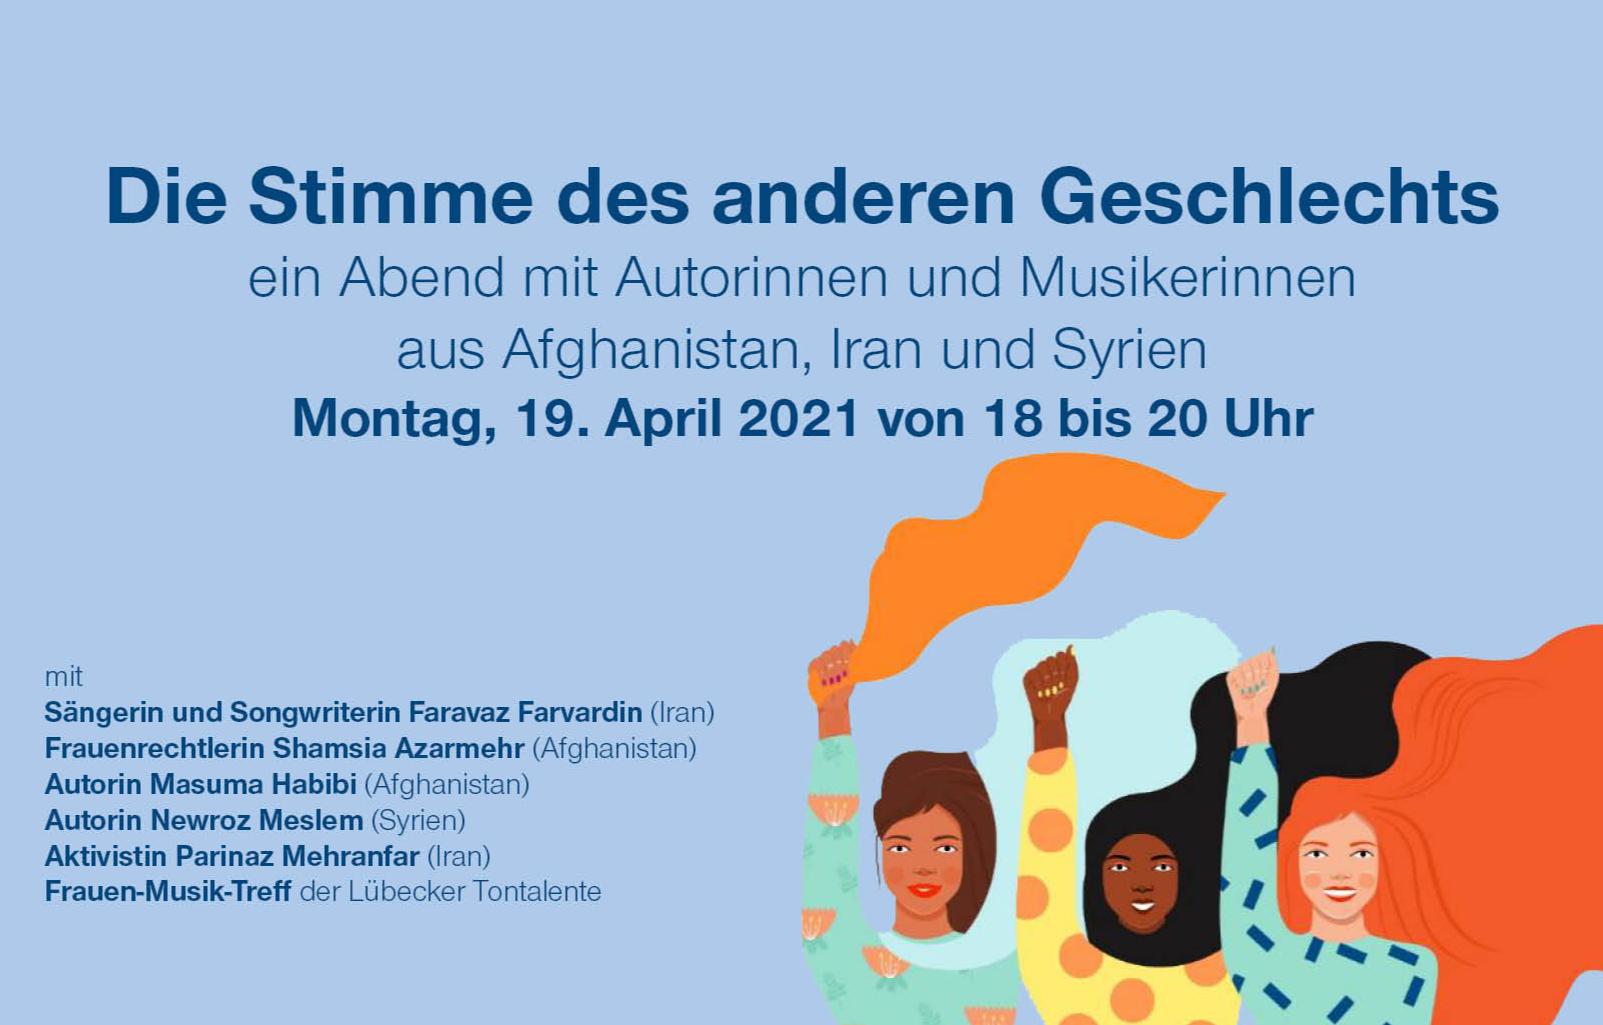 Die Stimme des anderen Geschlechts - ein Abend mit Autorinnen und Musikerinnen aus Afghanistan, Iran und Syrien